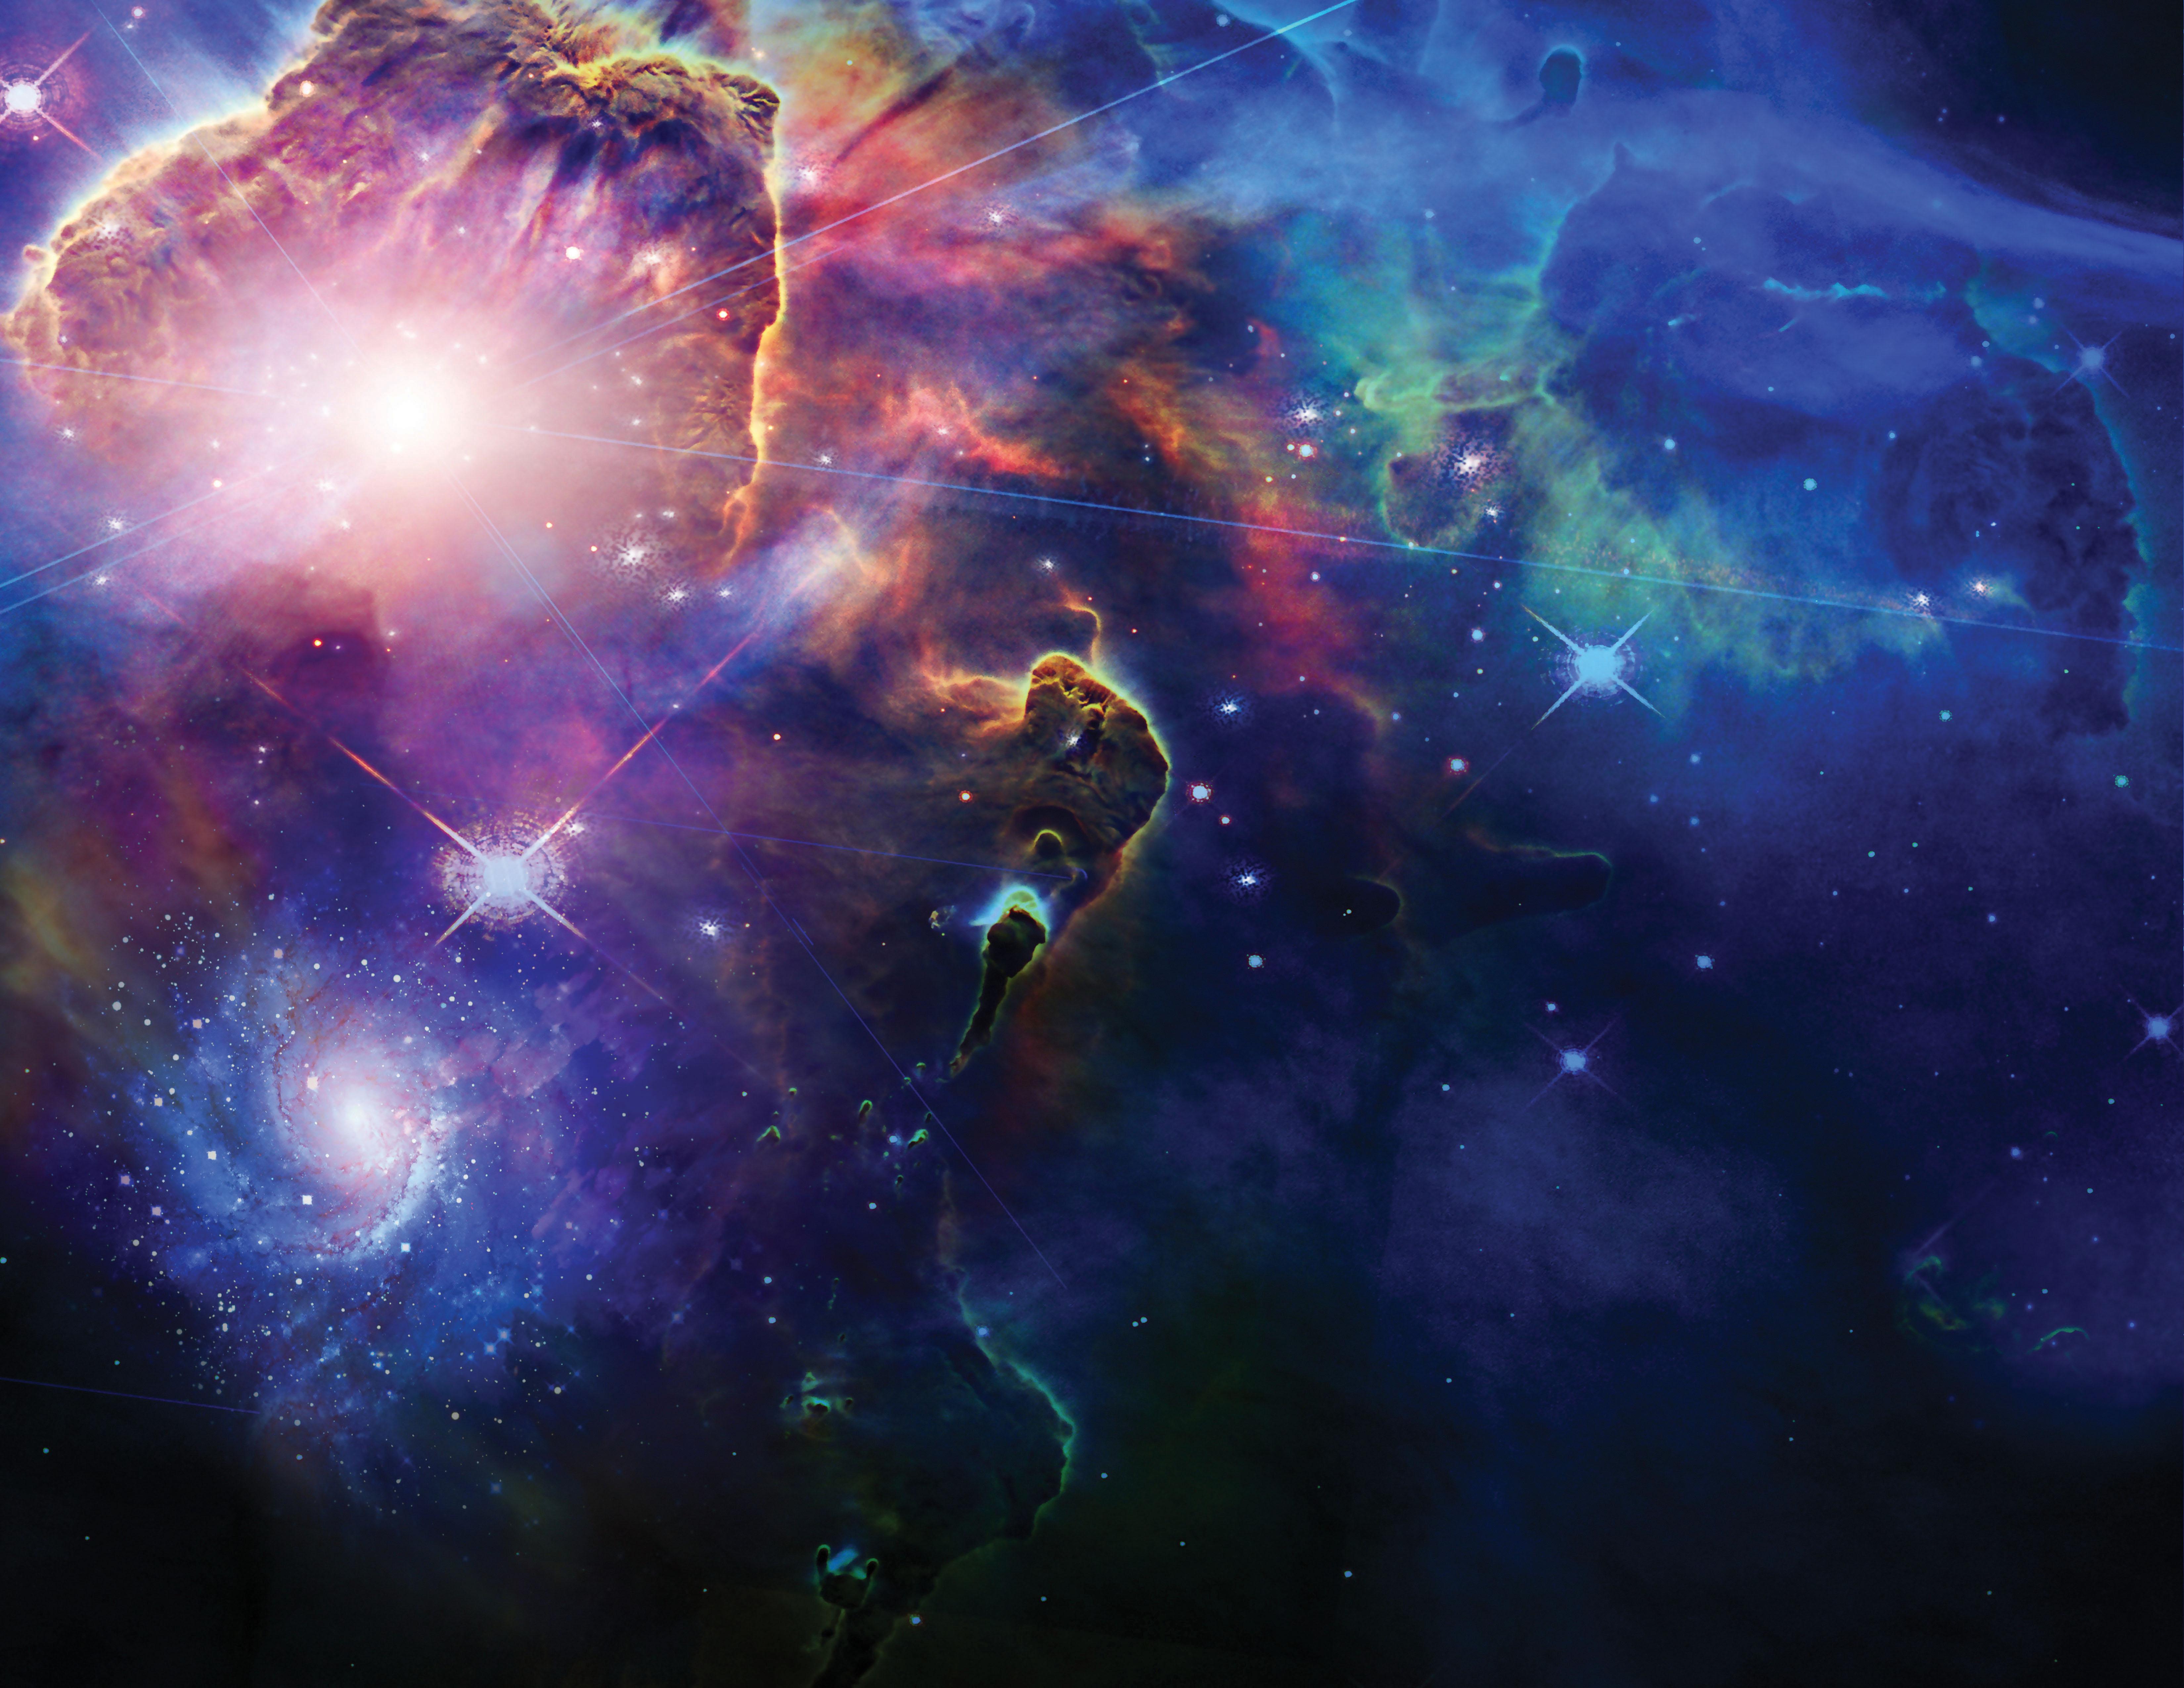 Imágenes del Universo infinito [HD] - Imágenes en Taringa!